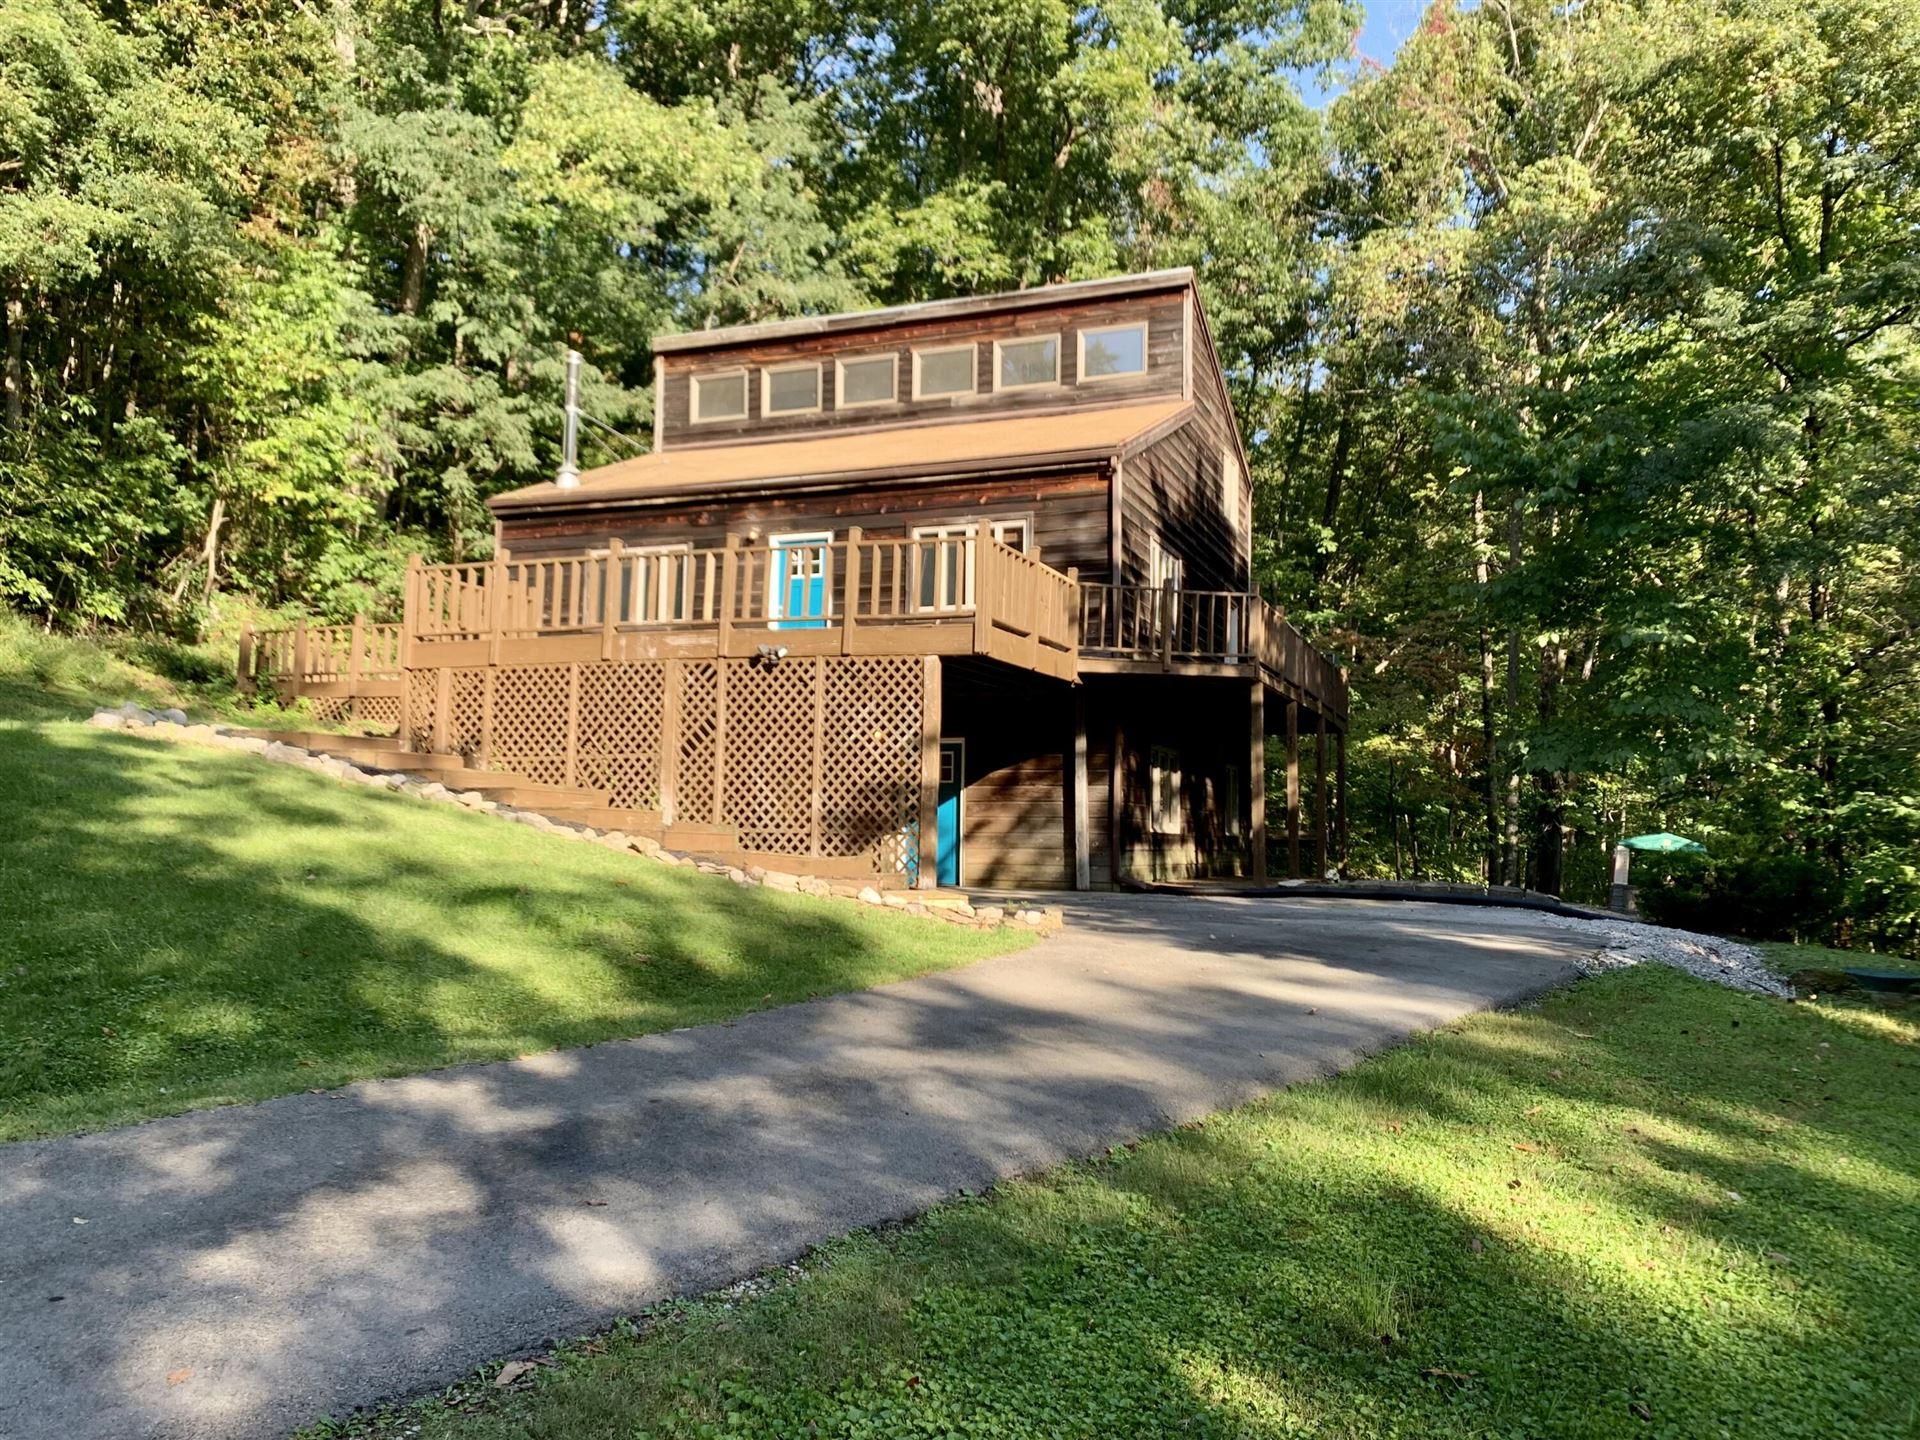 226 Pine Valley, Berea, KY 40403 - MLS#: 20120950